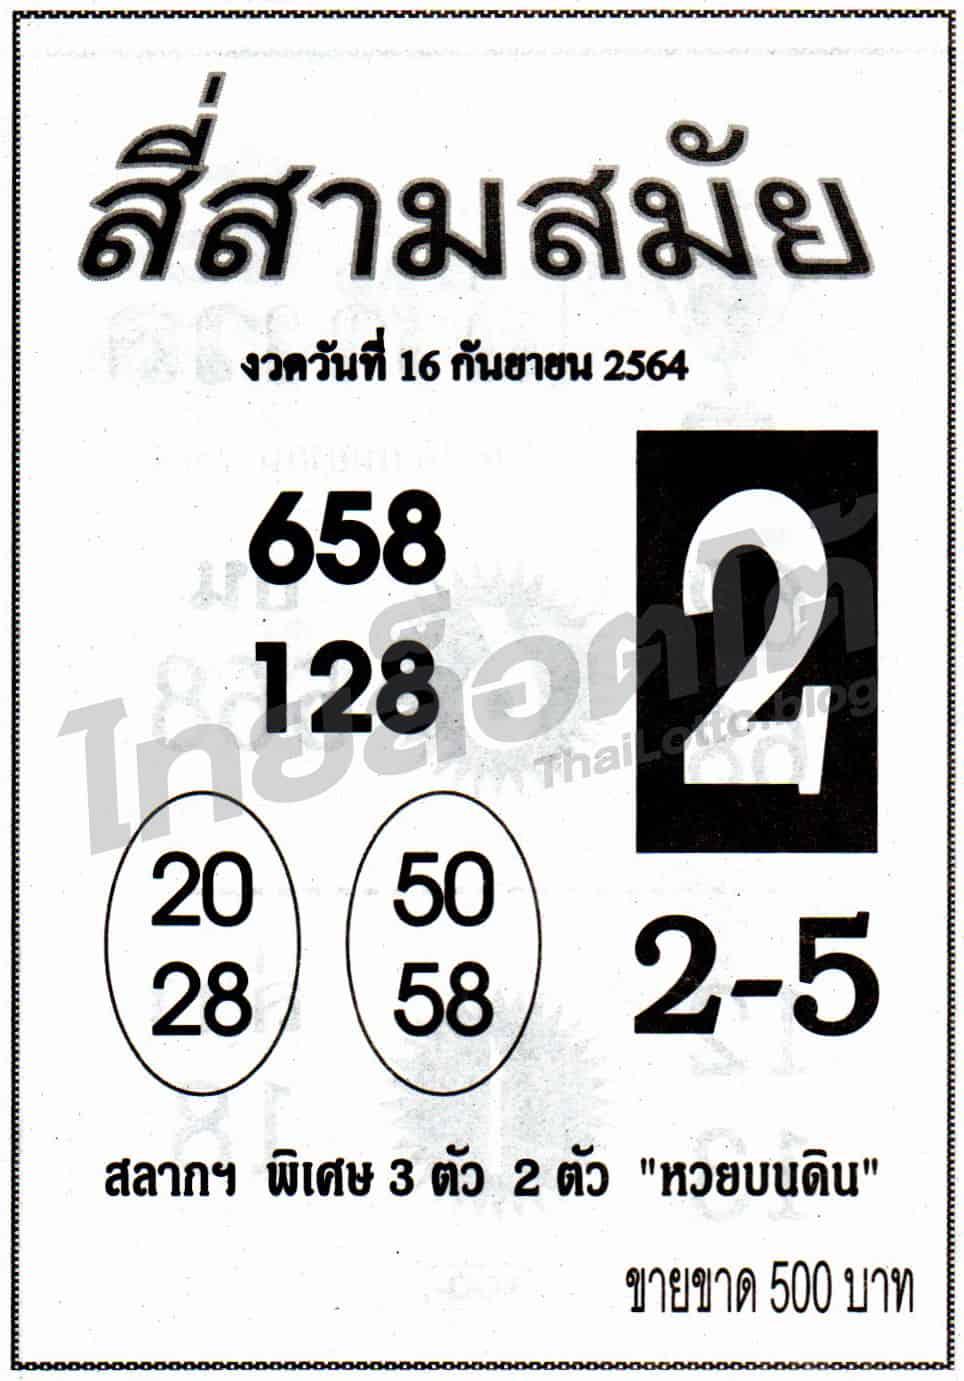 หวยซอง หวยสี่สามสมัย-160964